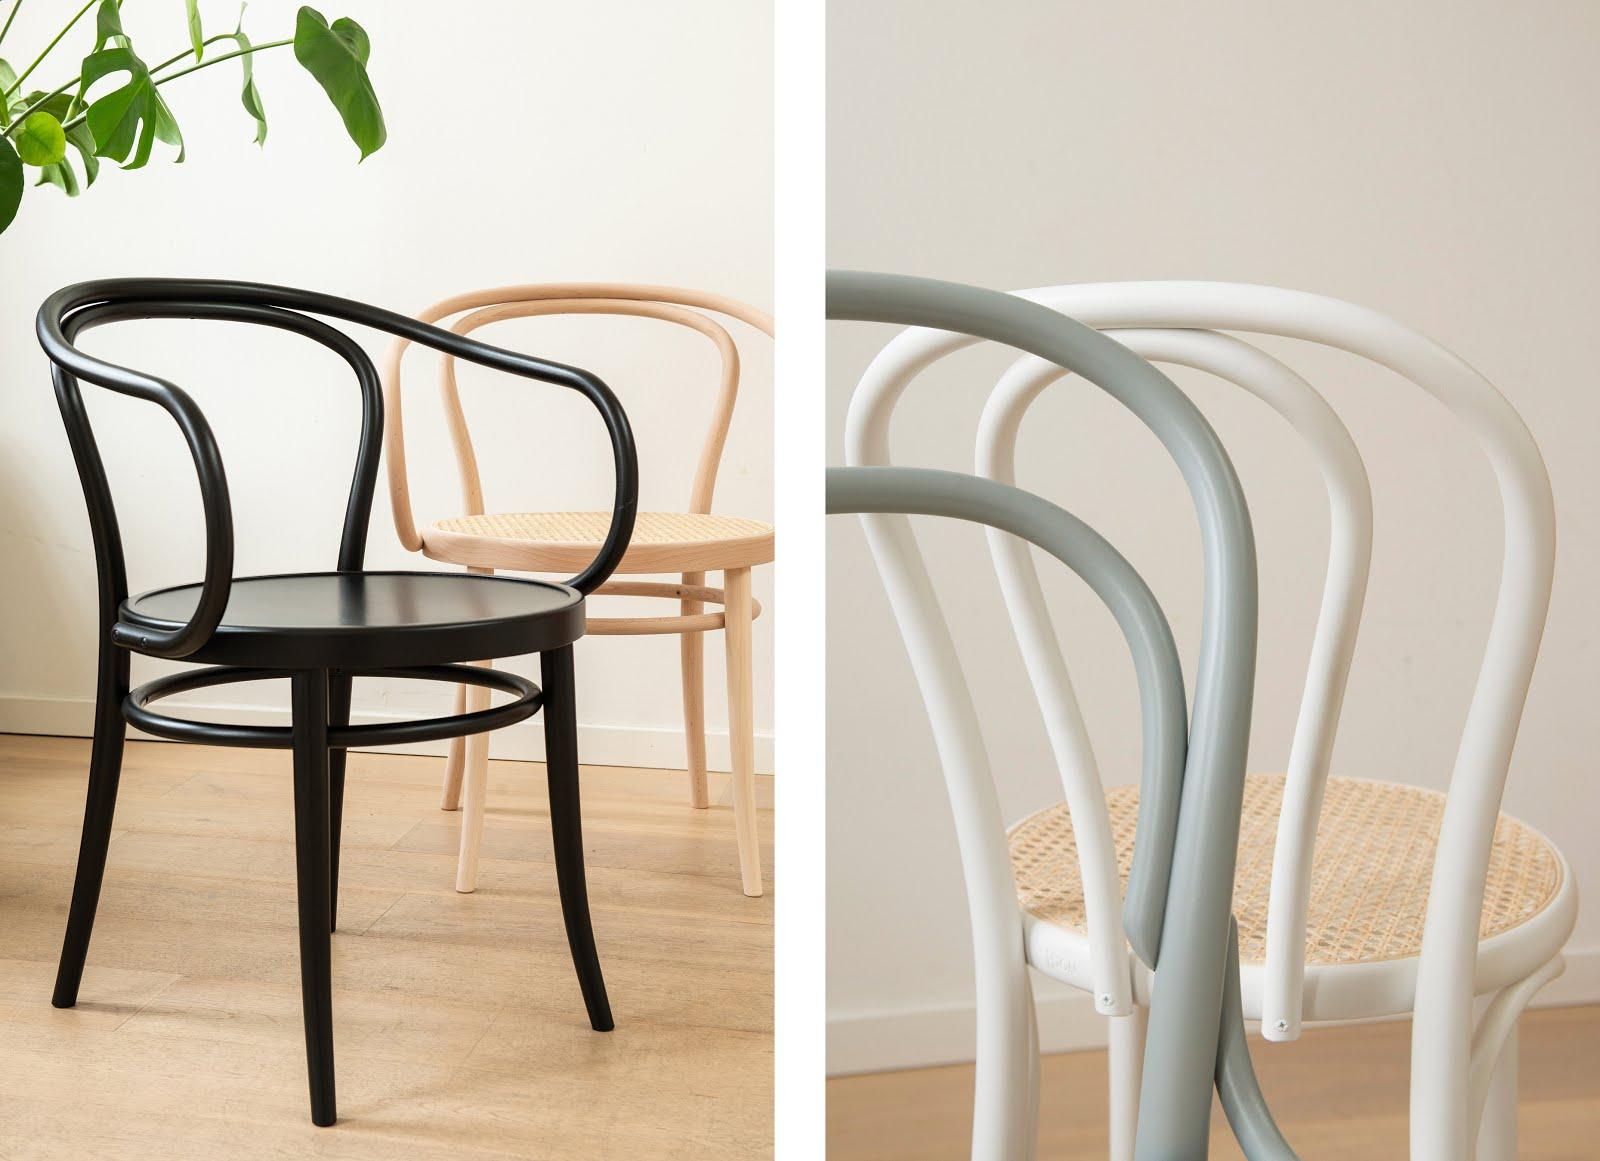 Dille & kamille, thonet, stoelen, chairs, gebogen, eenvoud, nieuw, betaalbaar, duurzaam